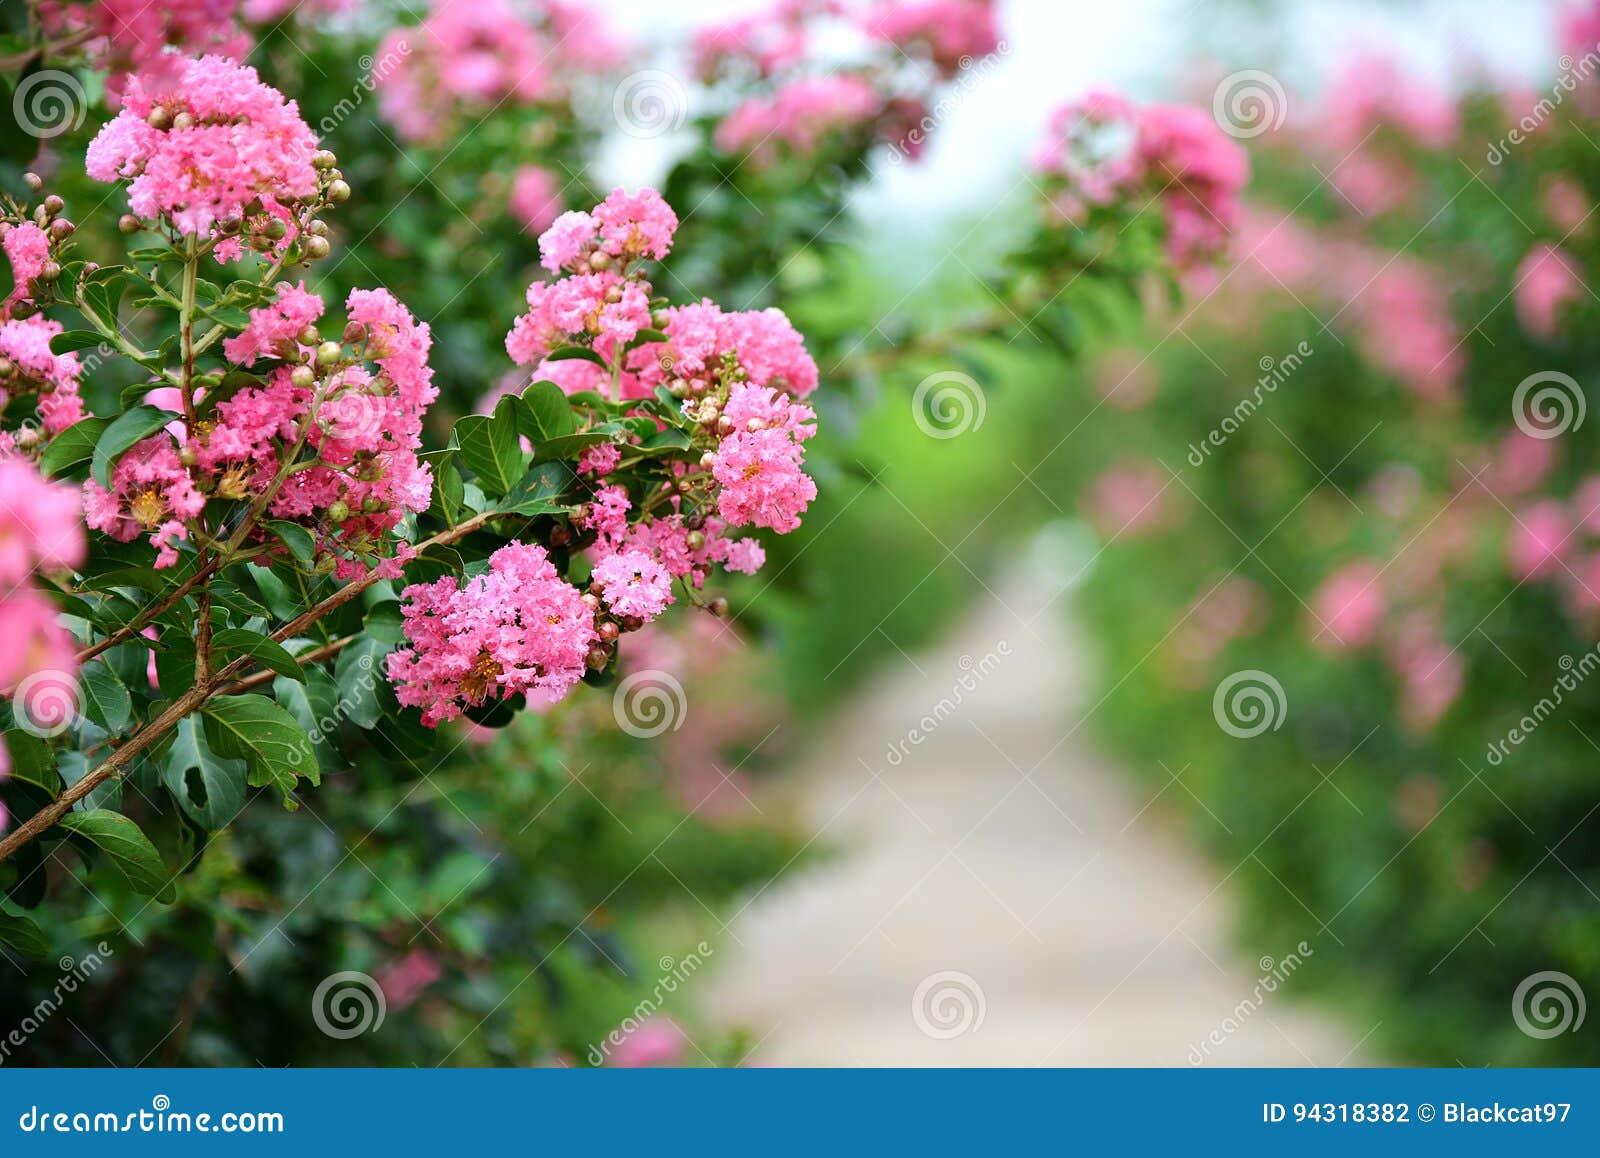 Flor da murta de crepe